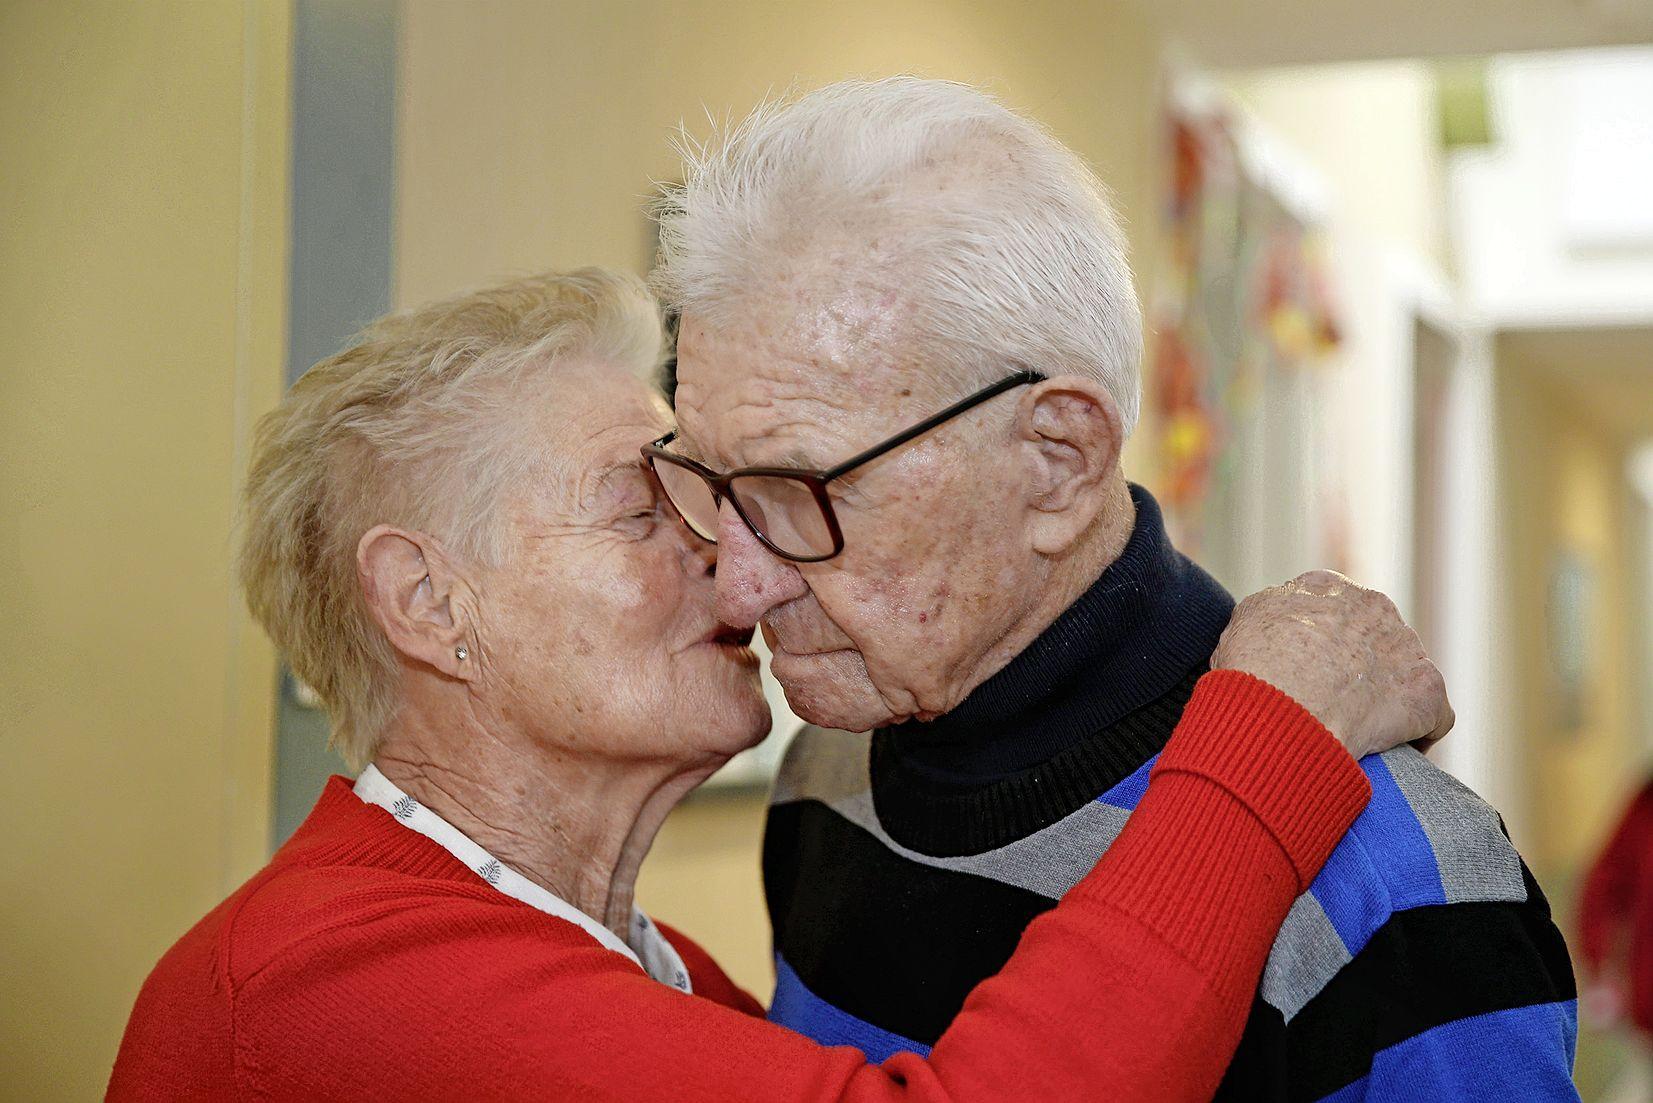 Door Alzheimer woont Niek Buiter niet meer bij zijn Tiny, met wie hij zestig jaar getrouwd is. Maar als ze hem bezoekt, dan lichten zijn ogen op. 'Hij herkent me nog wel'